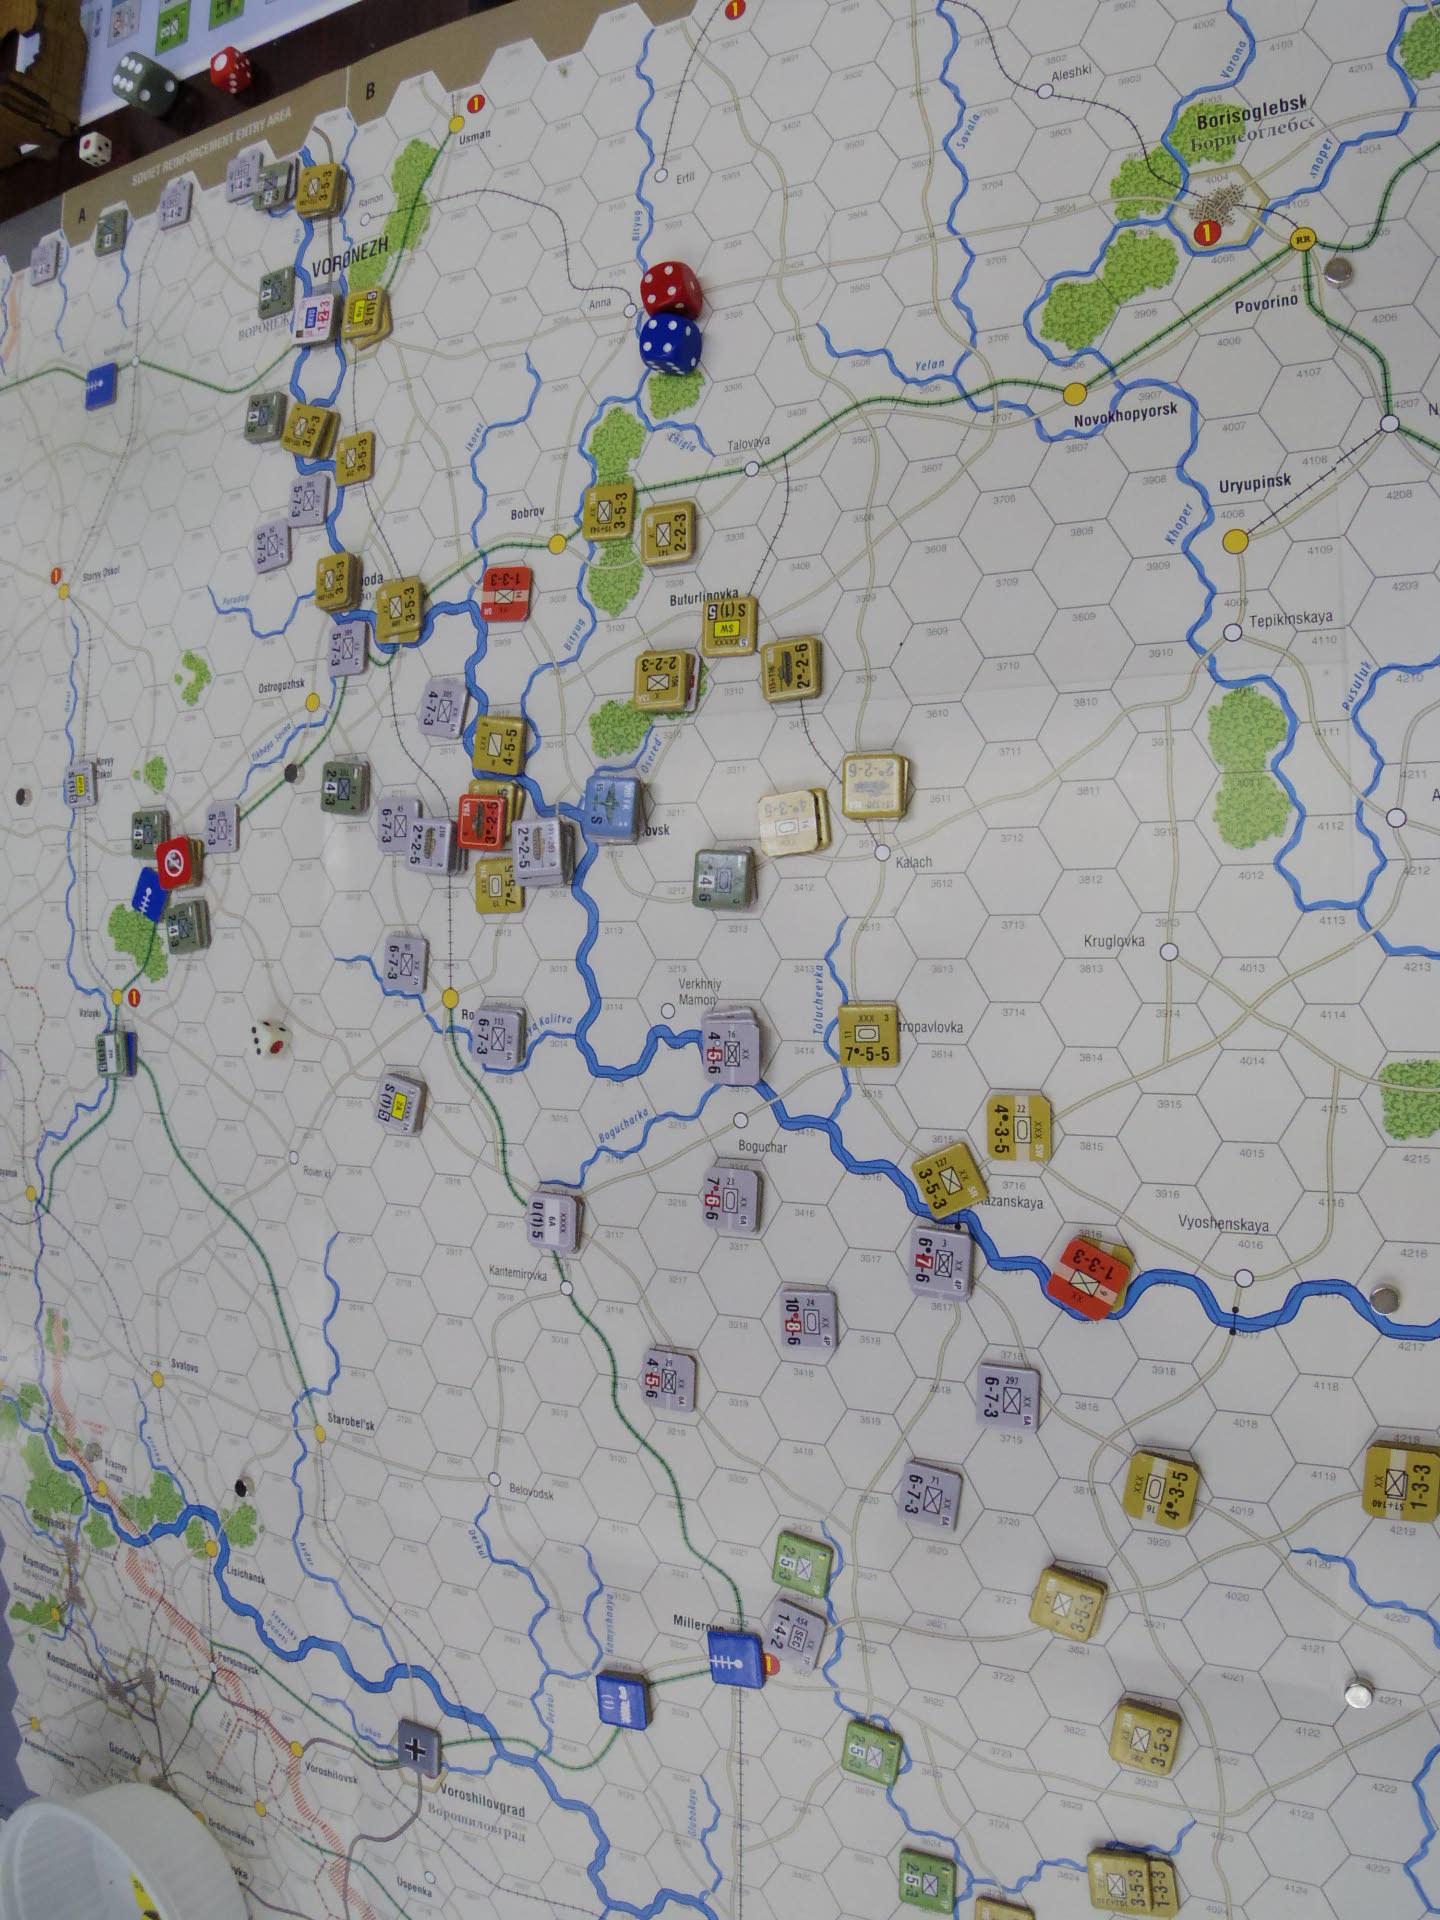 2020.01.11(土)YSGA新春初例会⑵初日...(GMT)Stalingrad\'42キャンペーン第1班の➊_b0173672_19340179.jpg